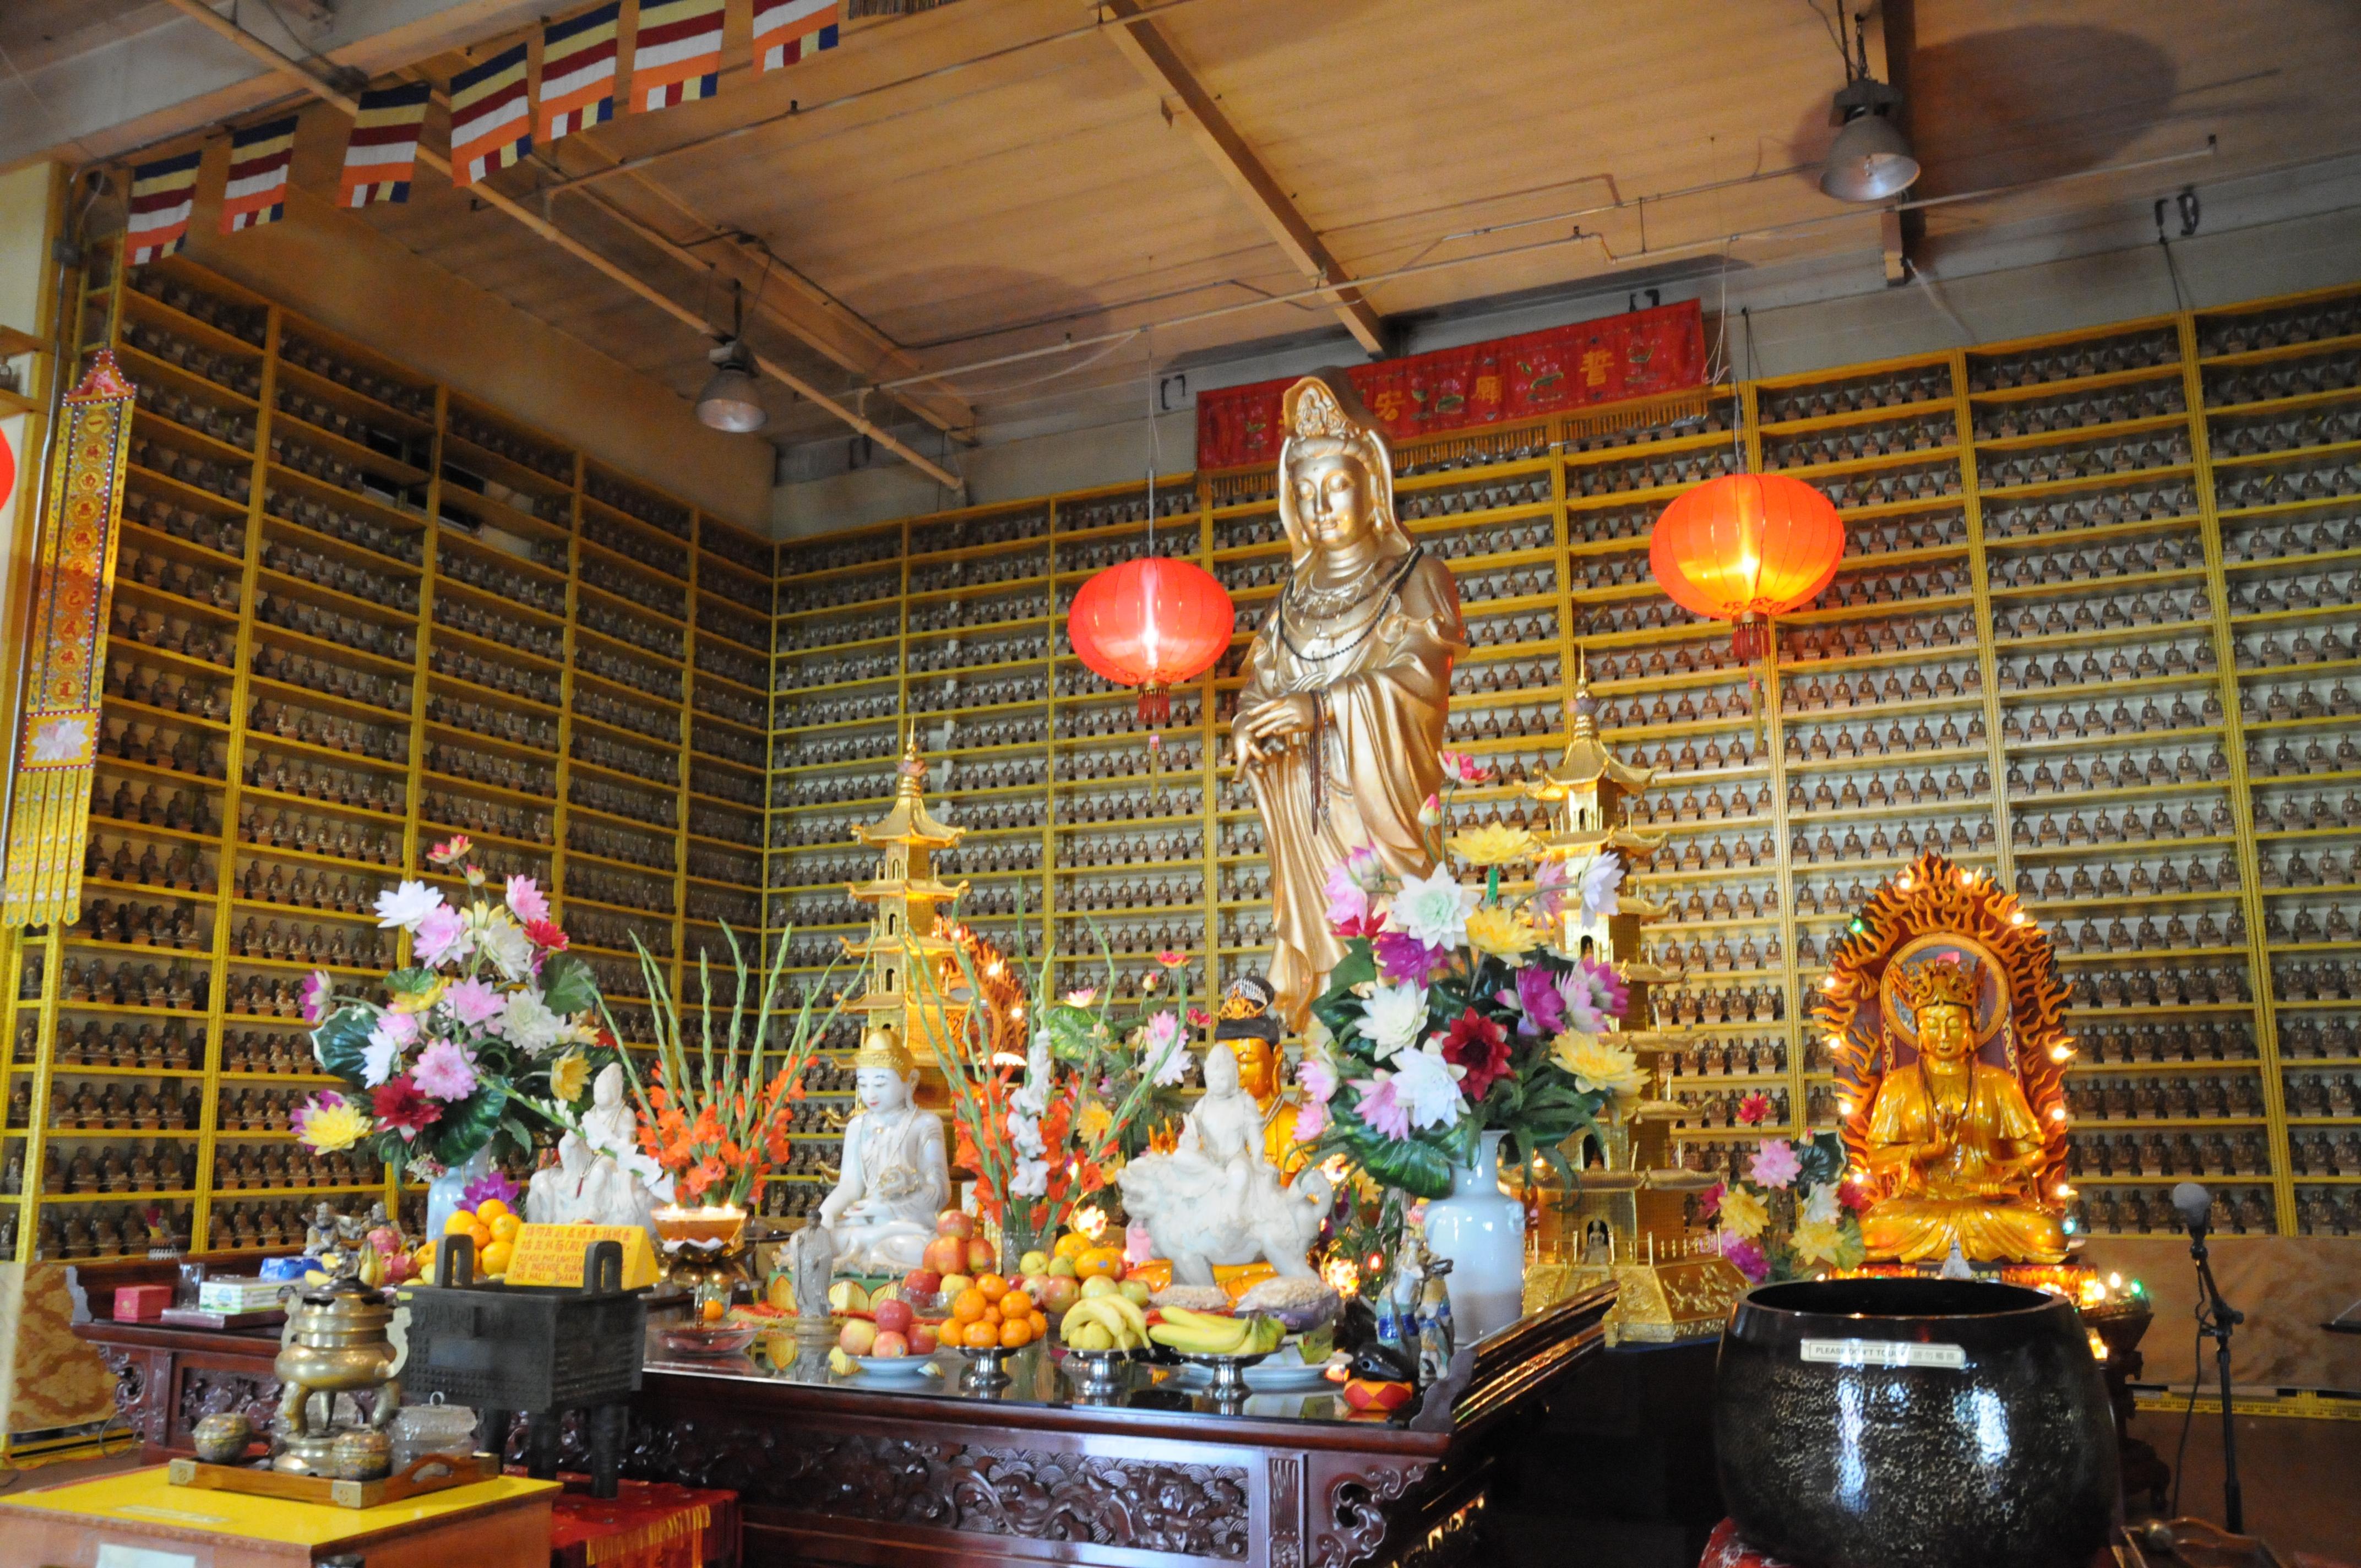 Niagara falls buddhist dating site